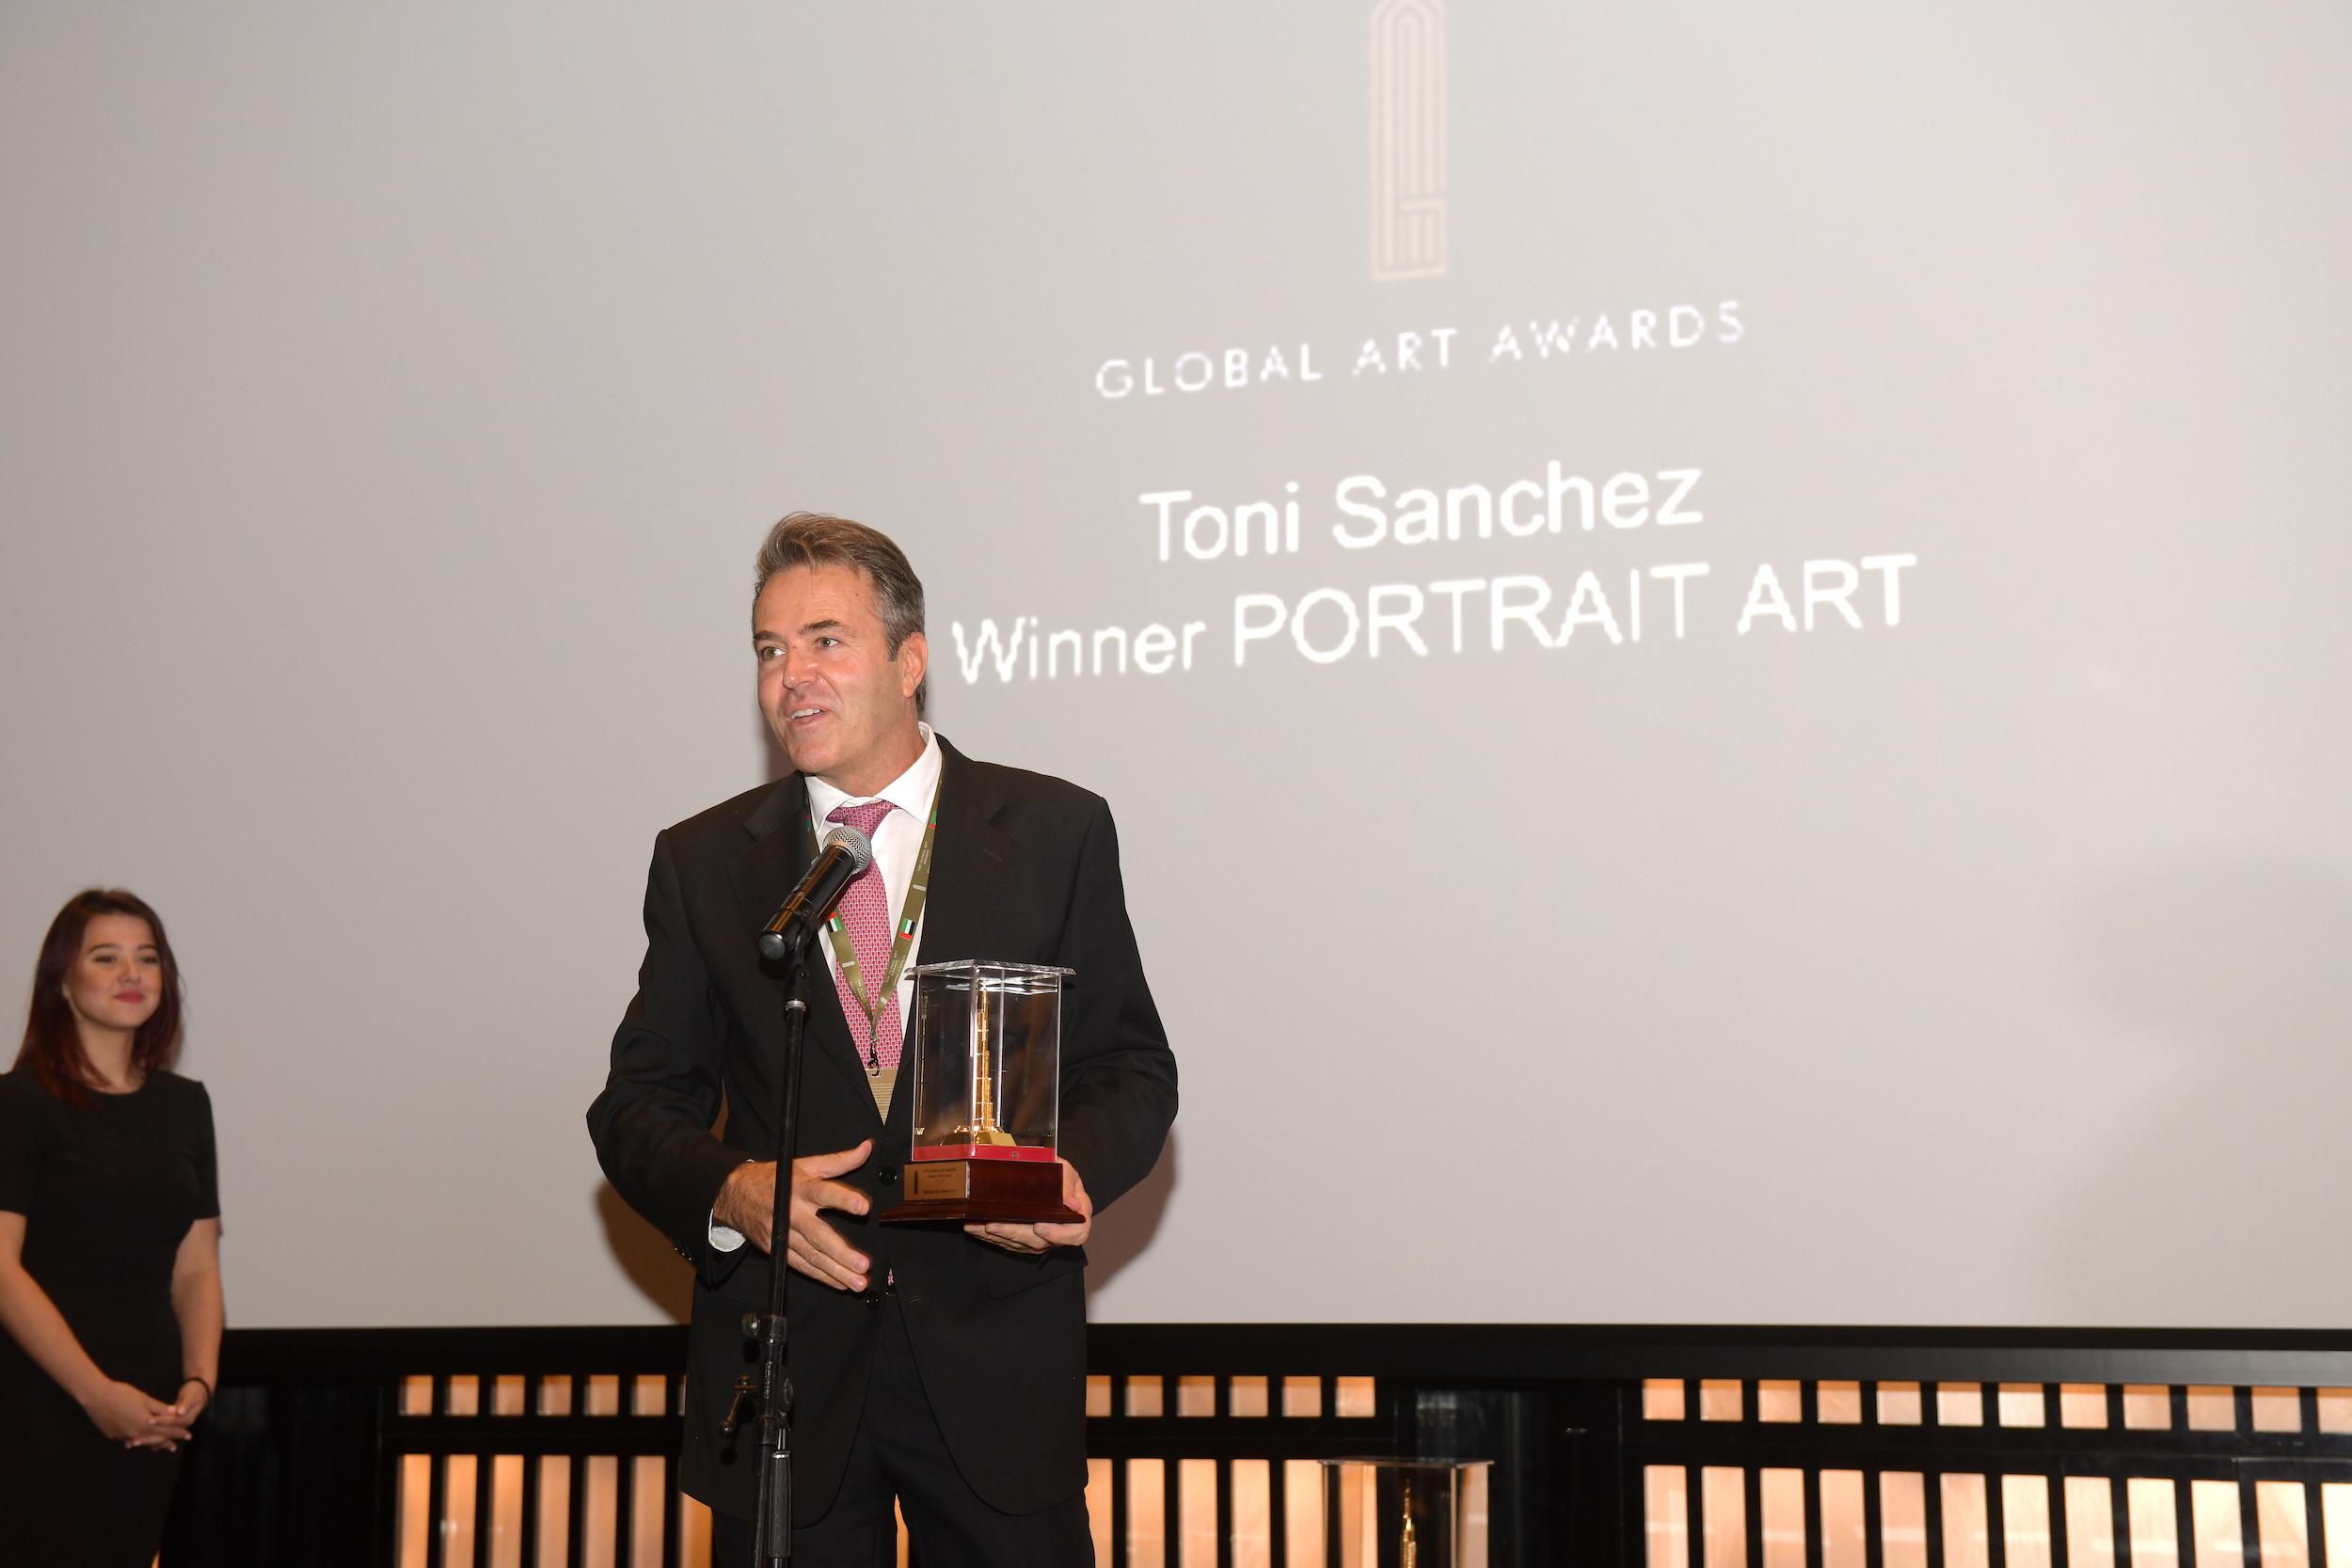 PORTRAIT ART AWARD   TONI SANCHEZ (SPAIN)